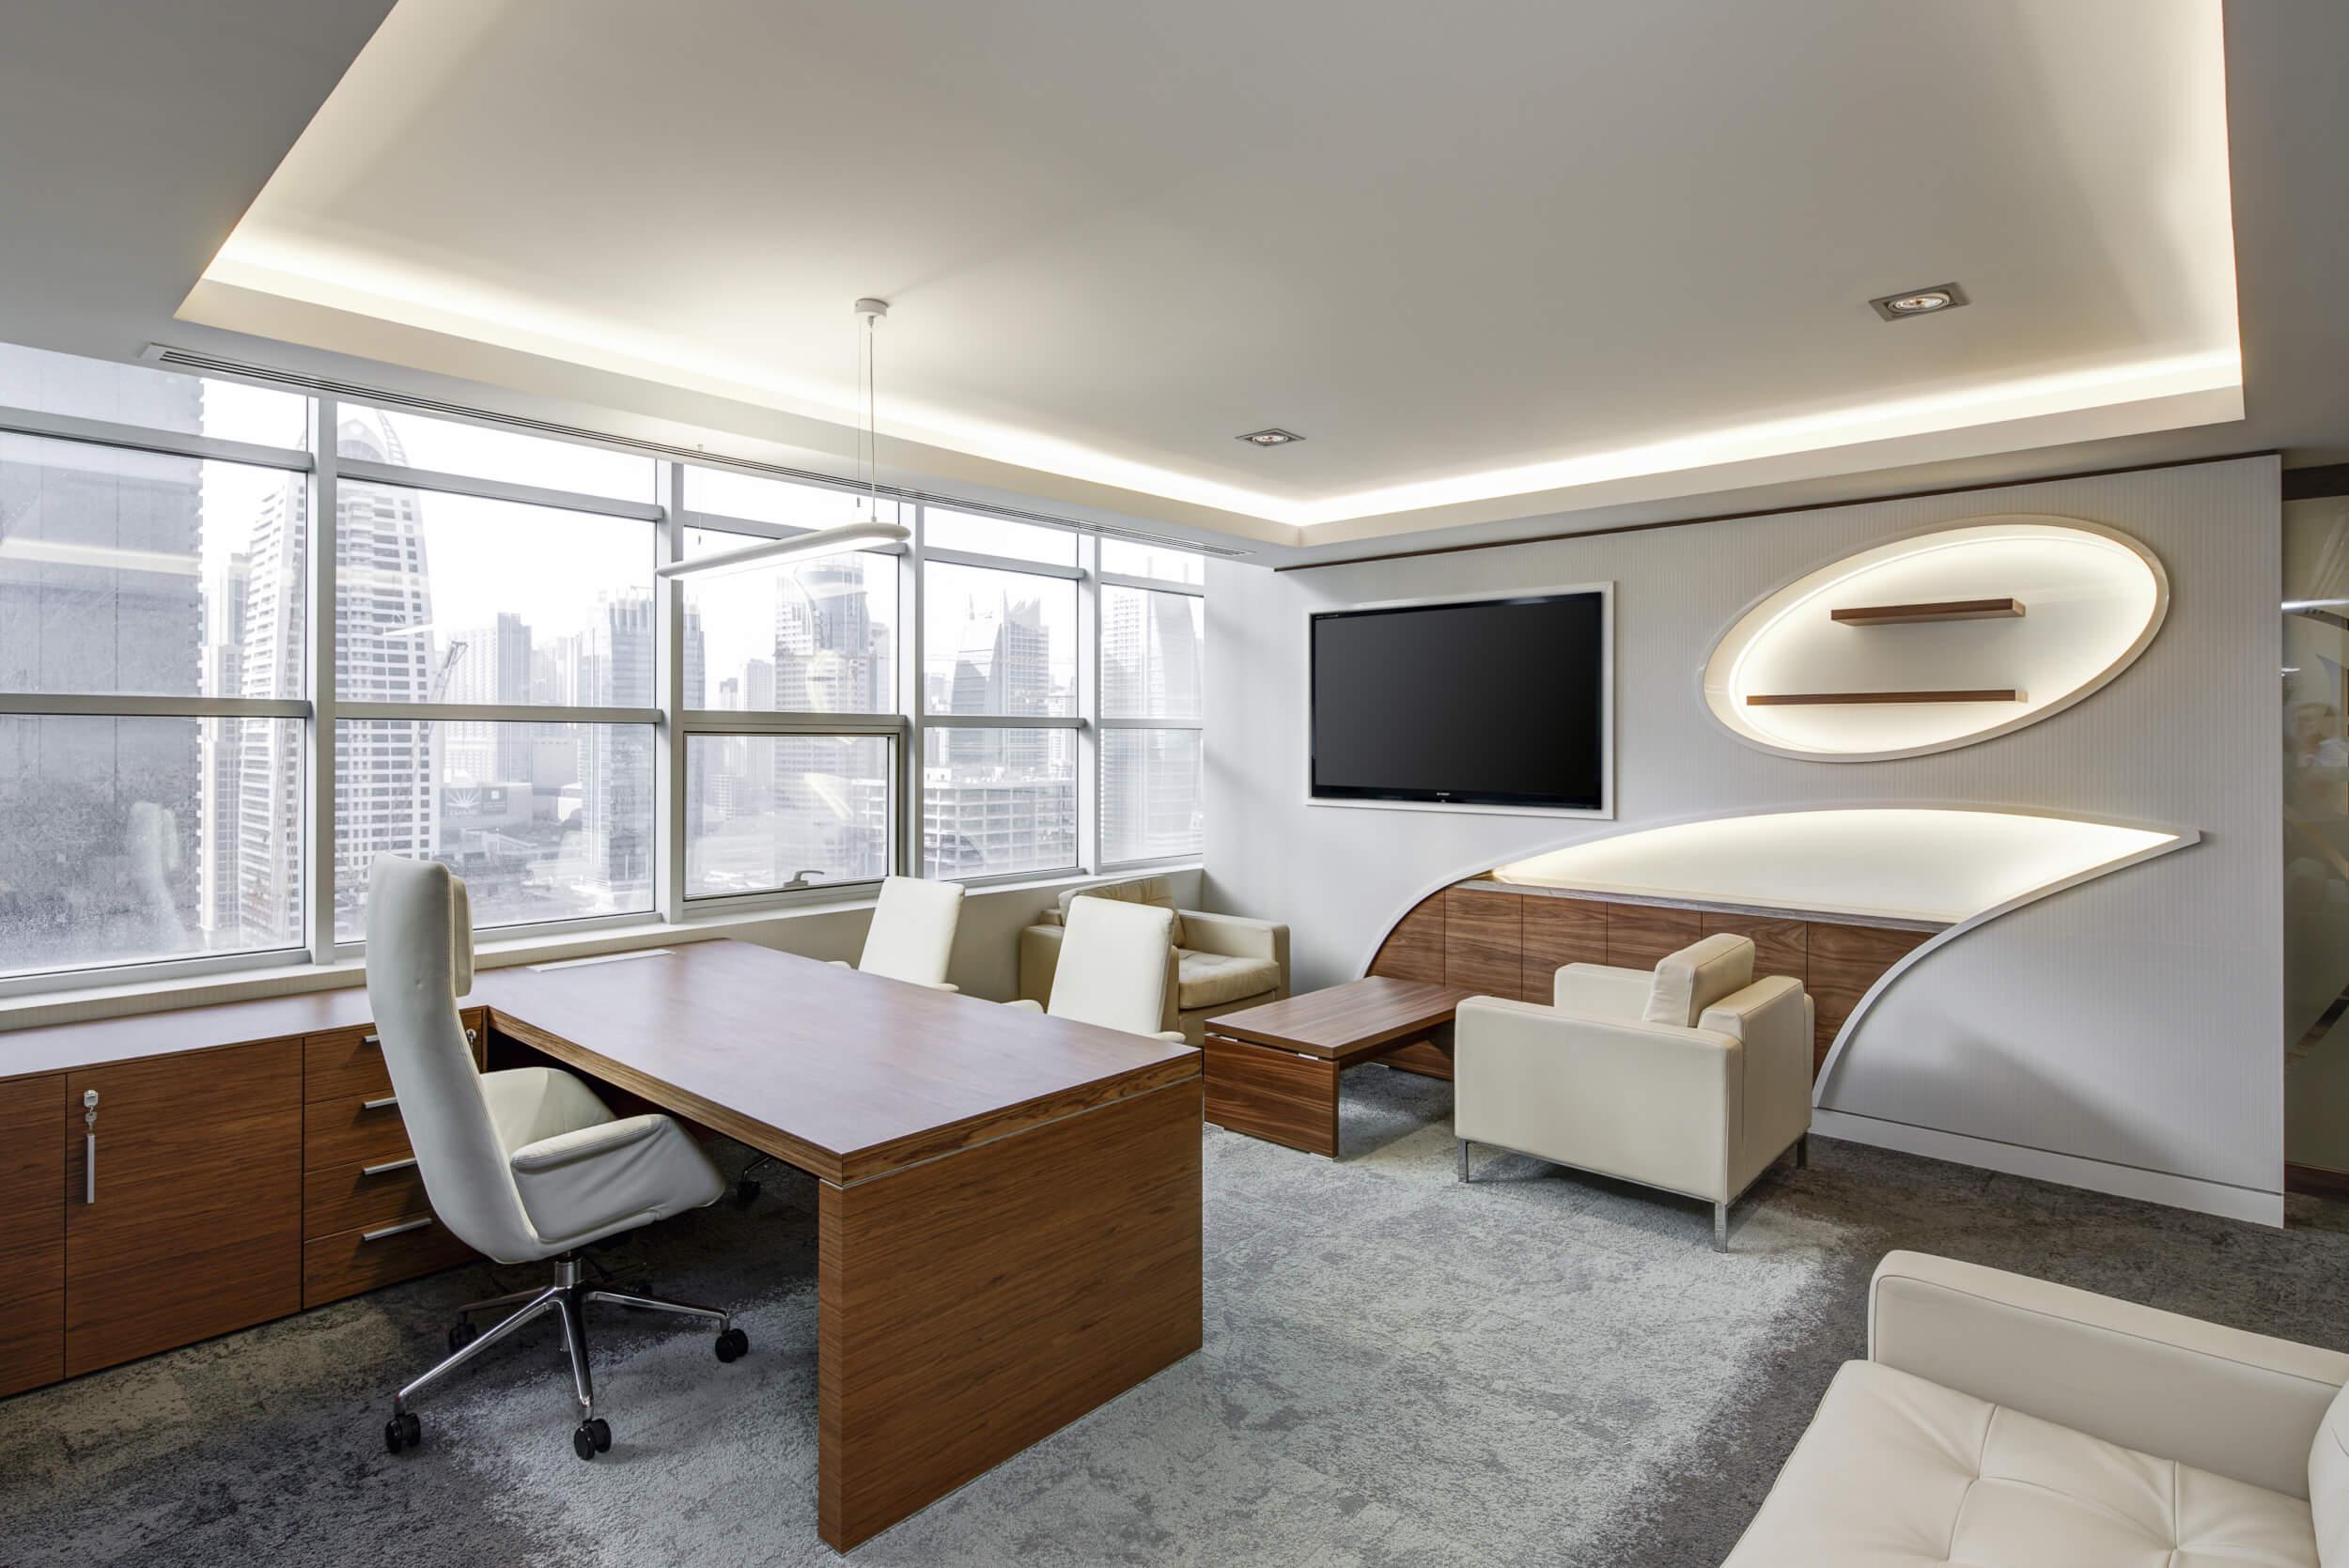 Mit stylischen Büromöbeln unterstützen Arbeitgeber die Mitarbeiterbindung (c) MagicDesk / pixabay.de